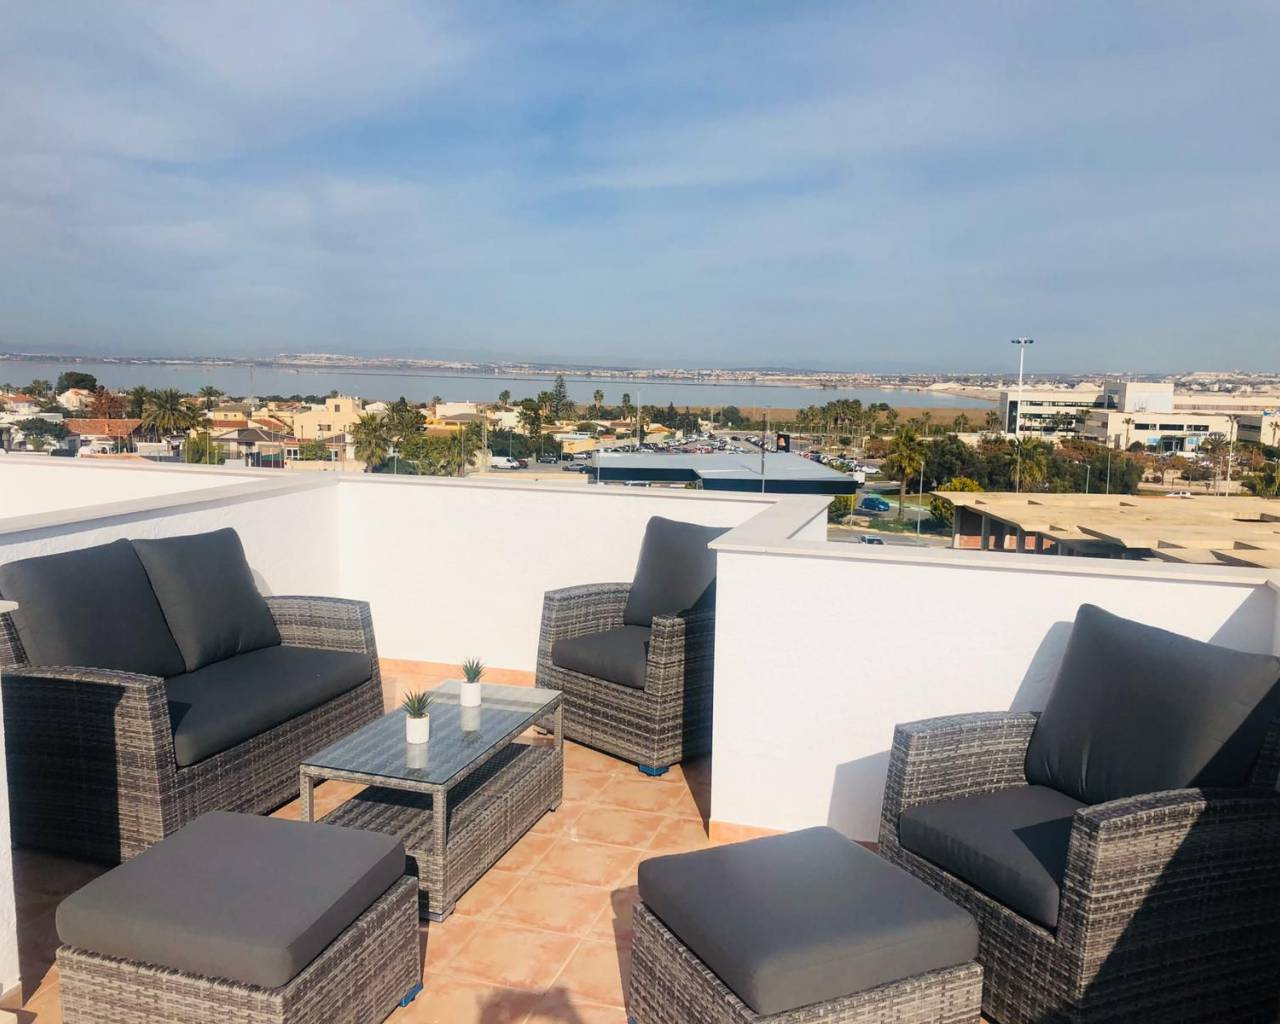 nieuwbouw-geschakelde-woning-duplex-torrevieja-los-balcones_5351_xl